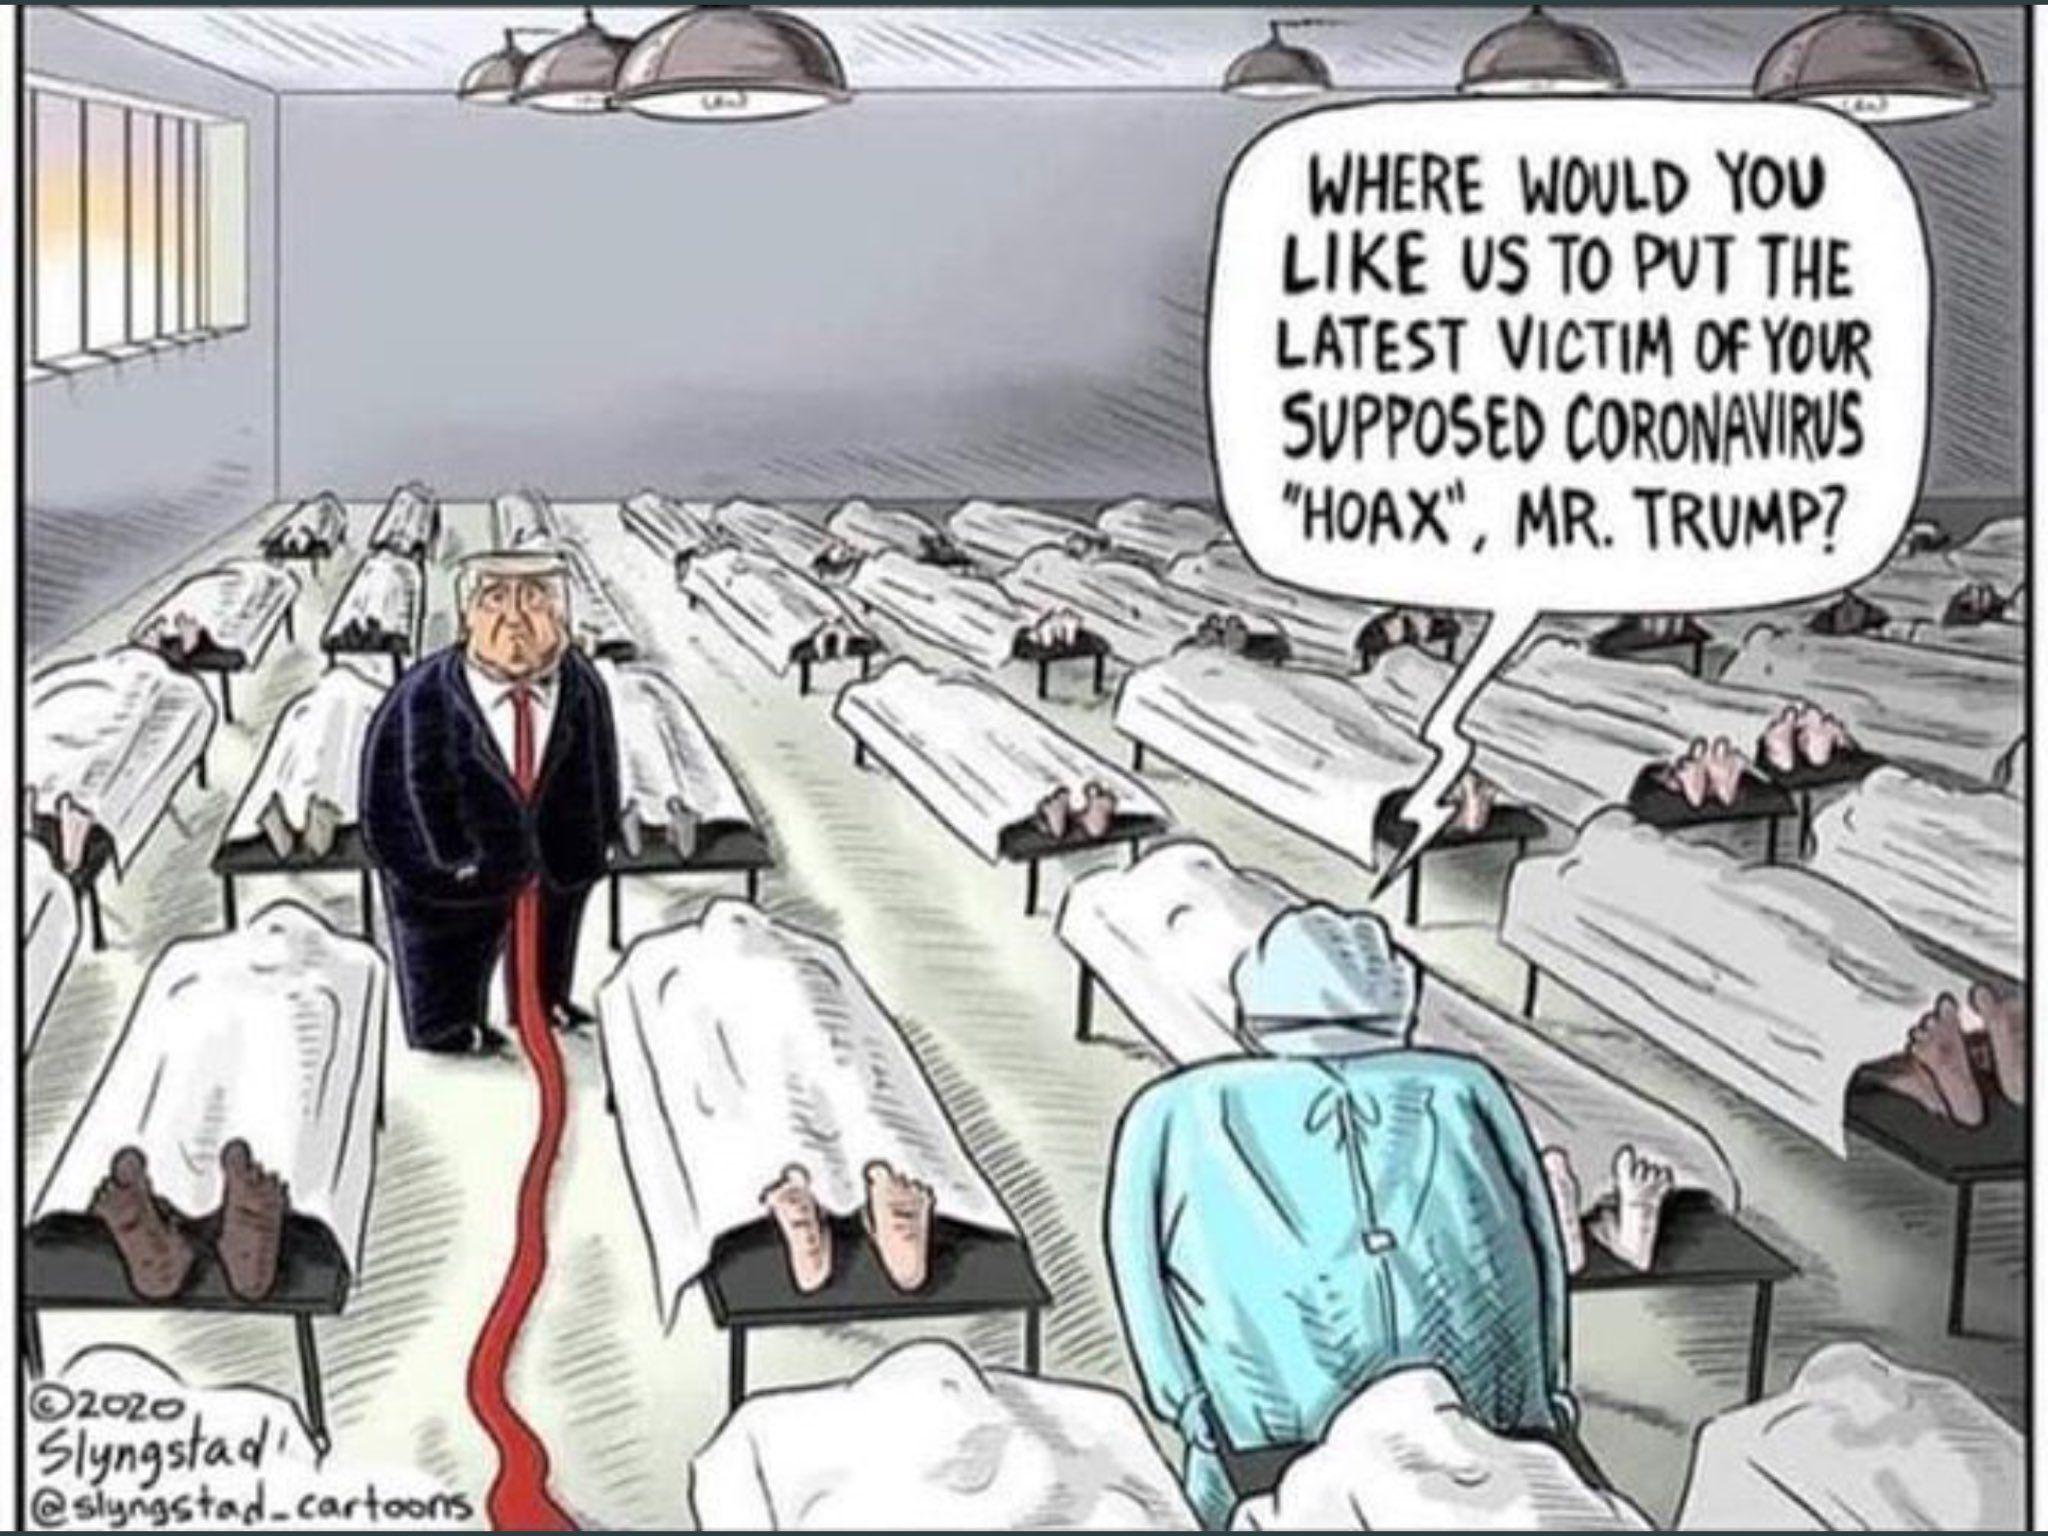 Whispmeagain On Twitter In 2020 Trump Cartoons Editorial Cartoon Memes